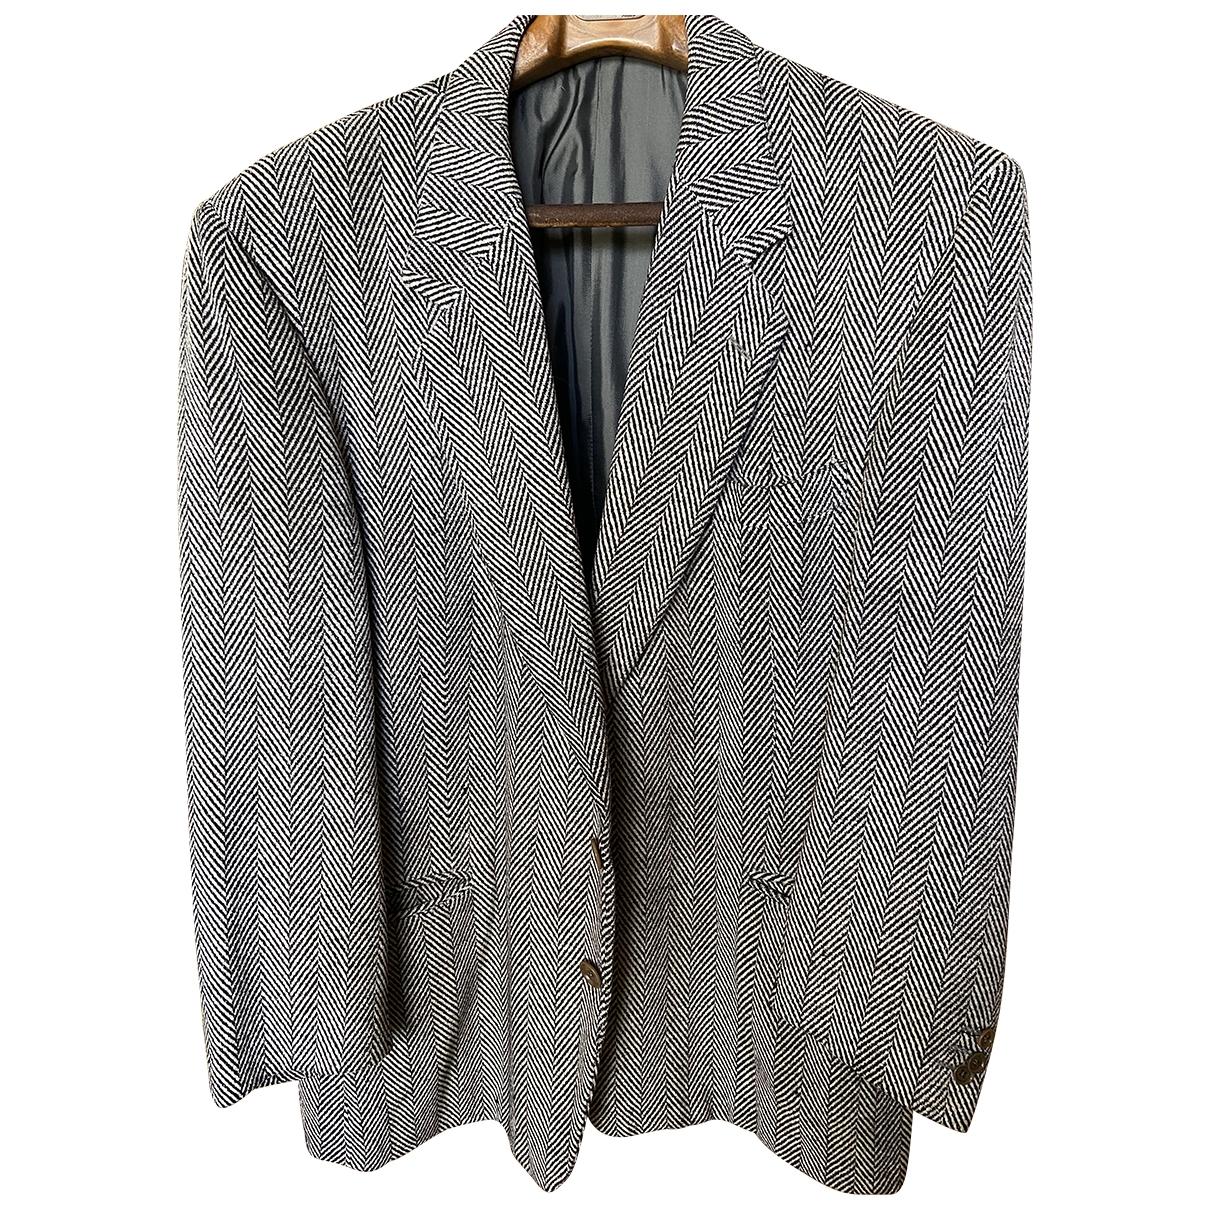 Gianfranco Ferre - Vestes.Blousons   pour homme en laine - gris